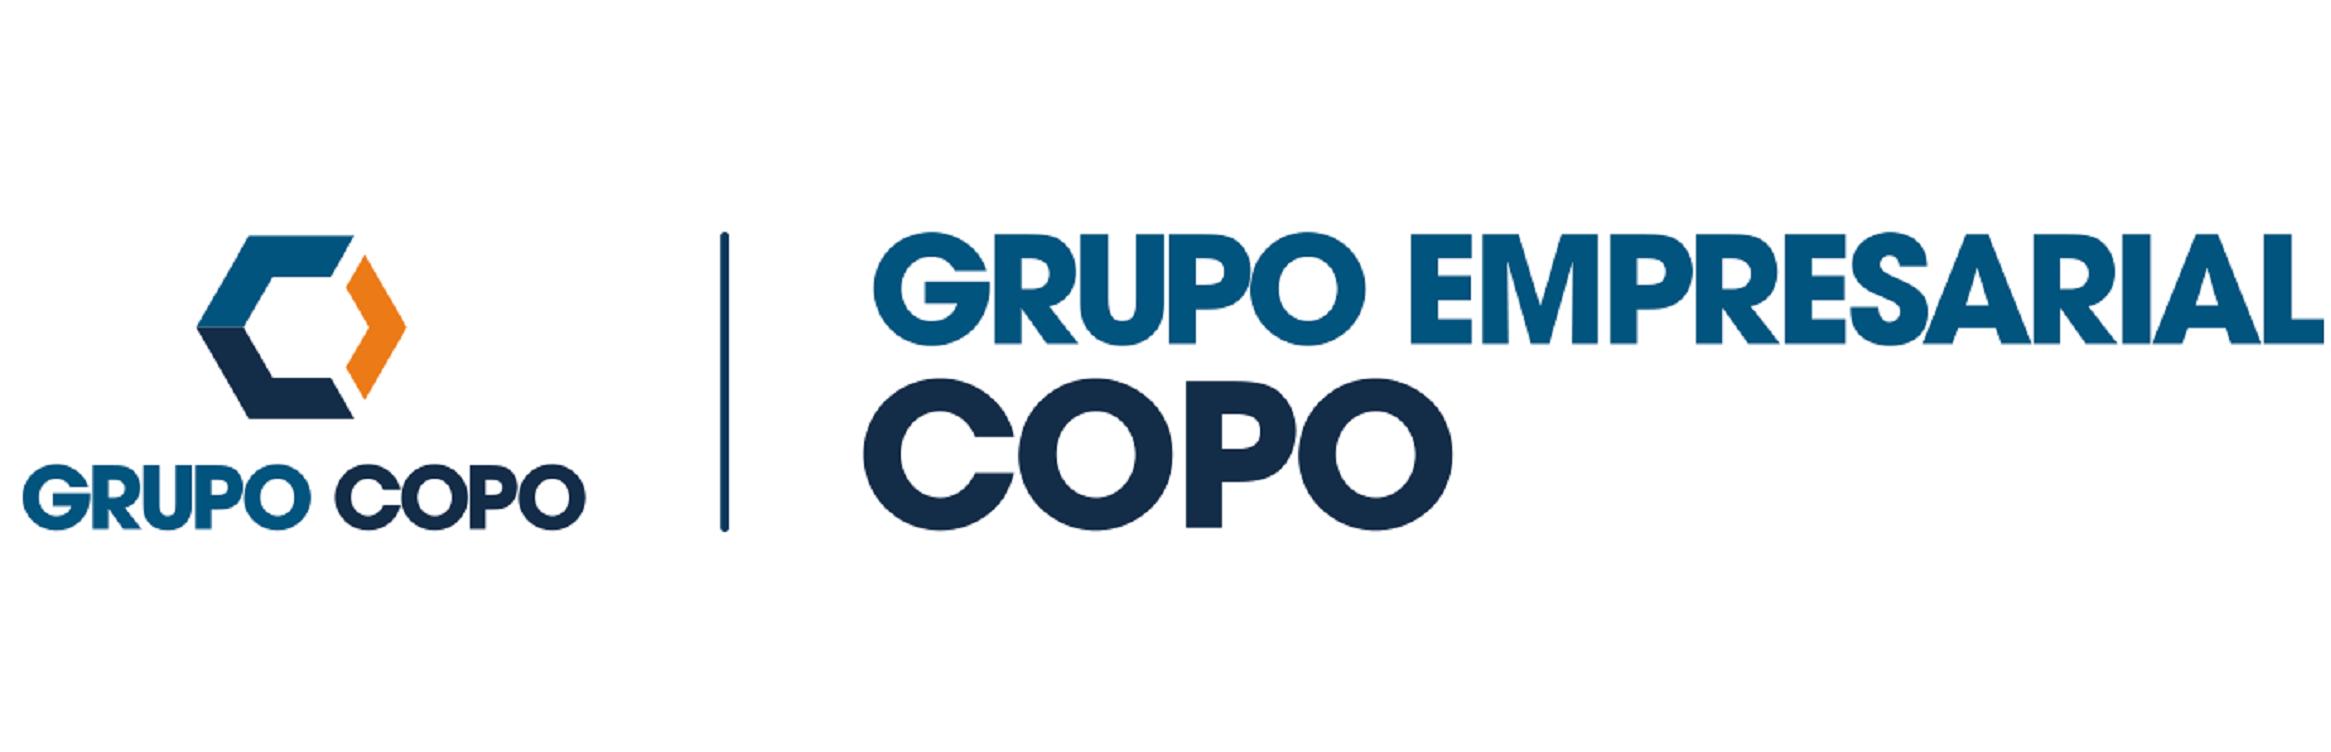 Grupo Empresarial Copo, S.A.